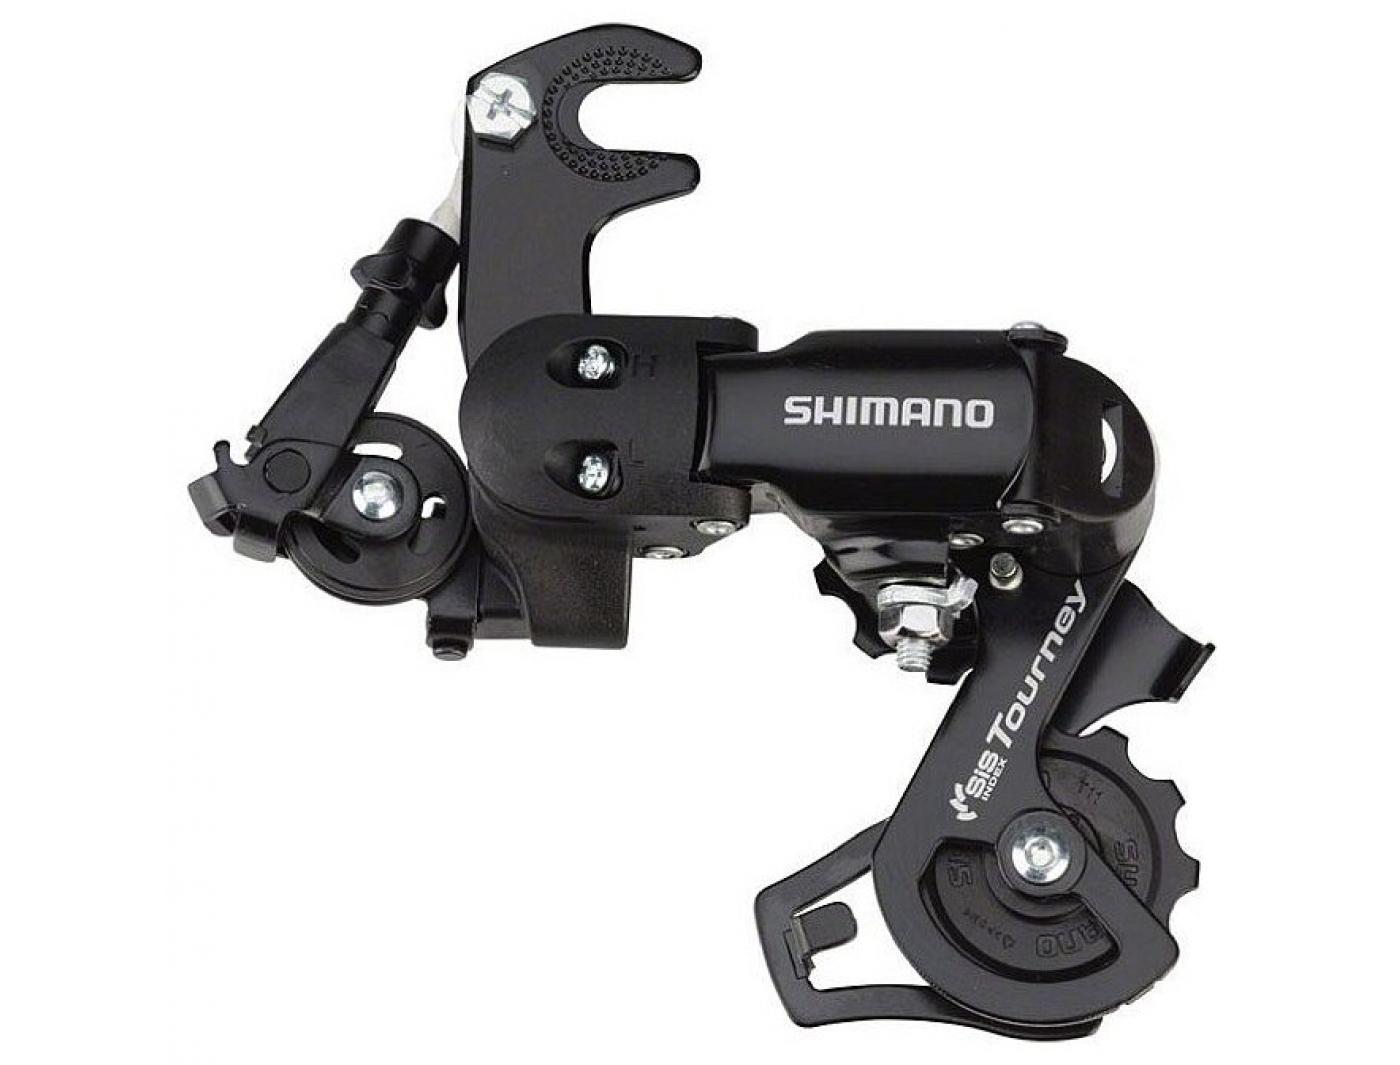 Перек-ль задний Shimano Tourney, TY200, GS, 6/7ск. крепление на ось, цв. черн., б/уп.